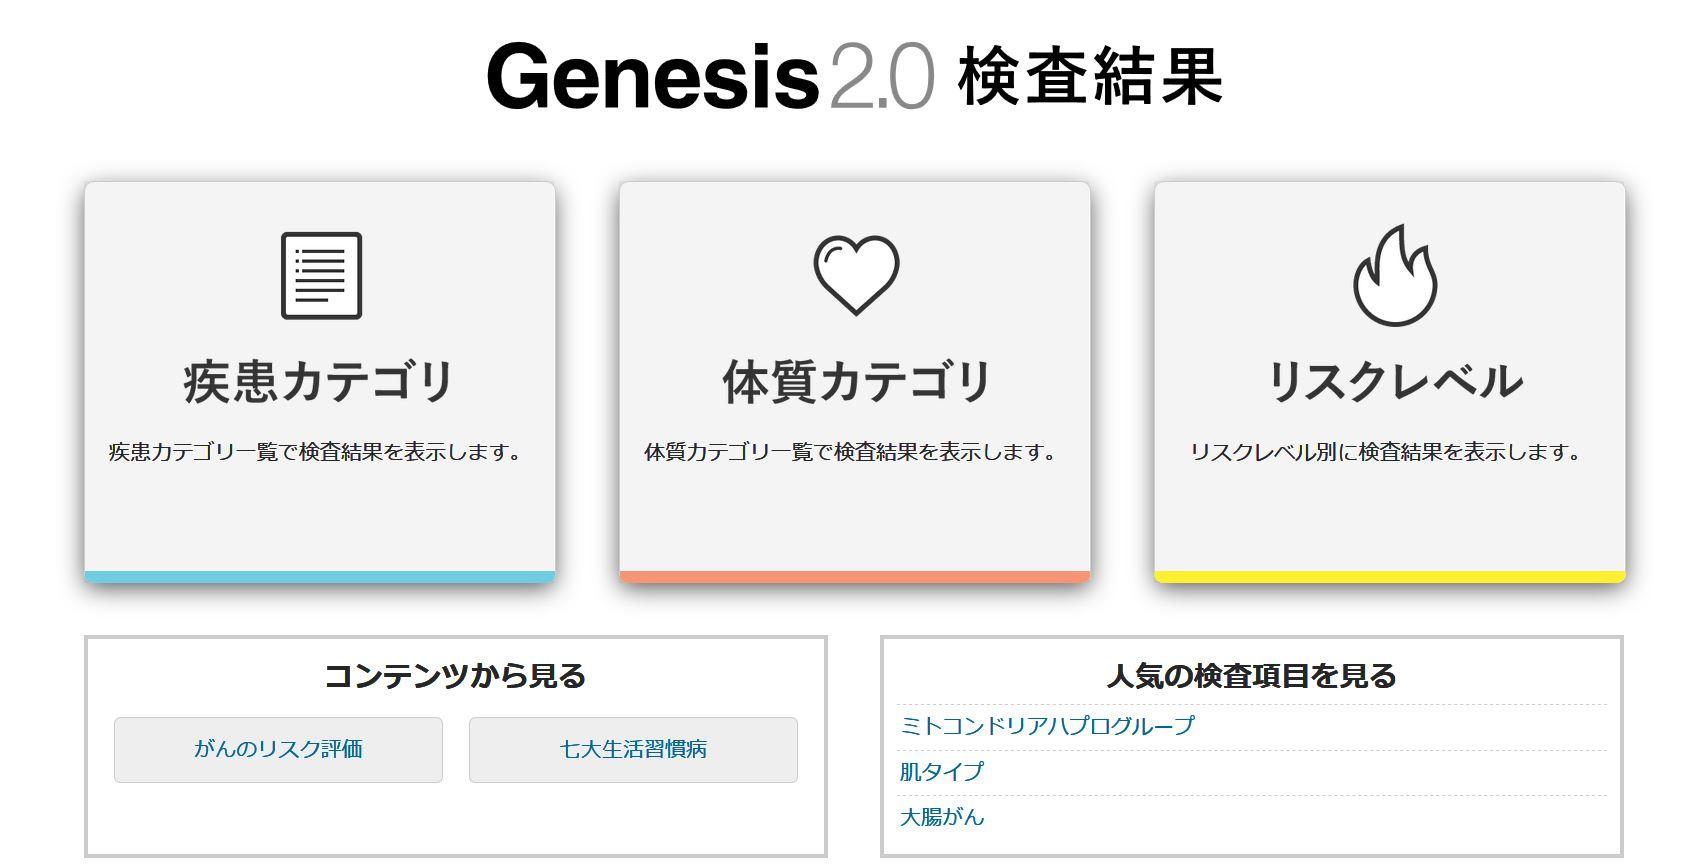 遺伝子検査キットGeneLife Genesis2.0で遺伝子検査レビュー【後編】